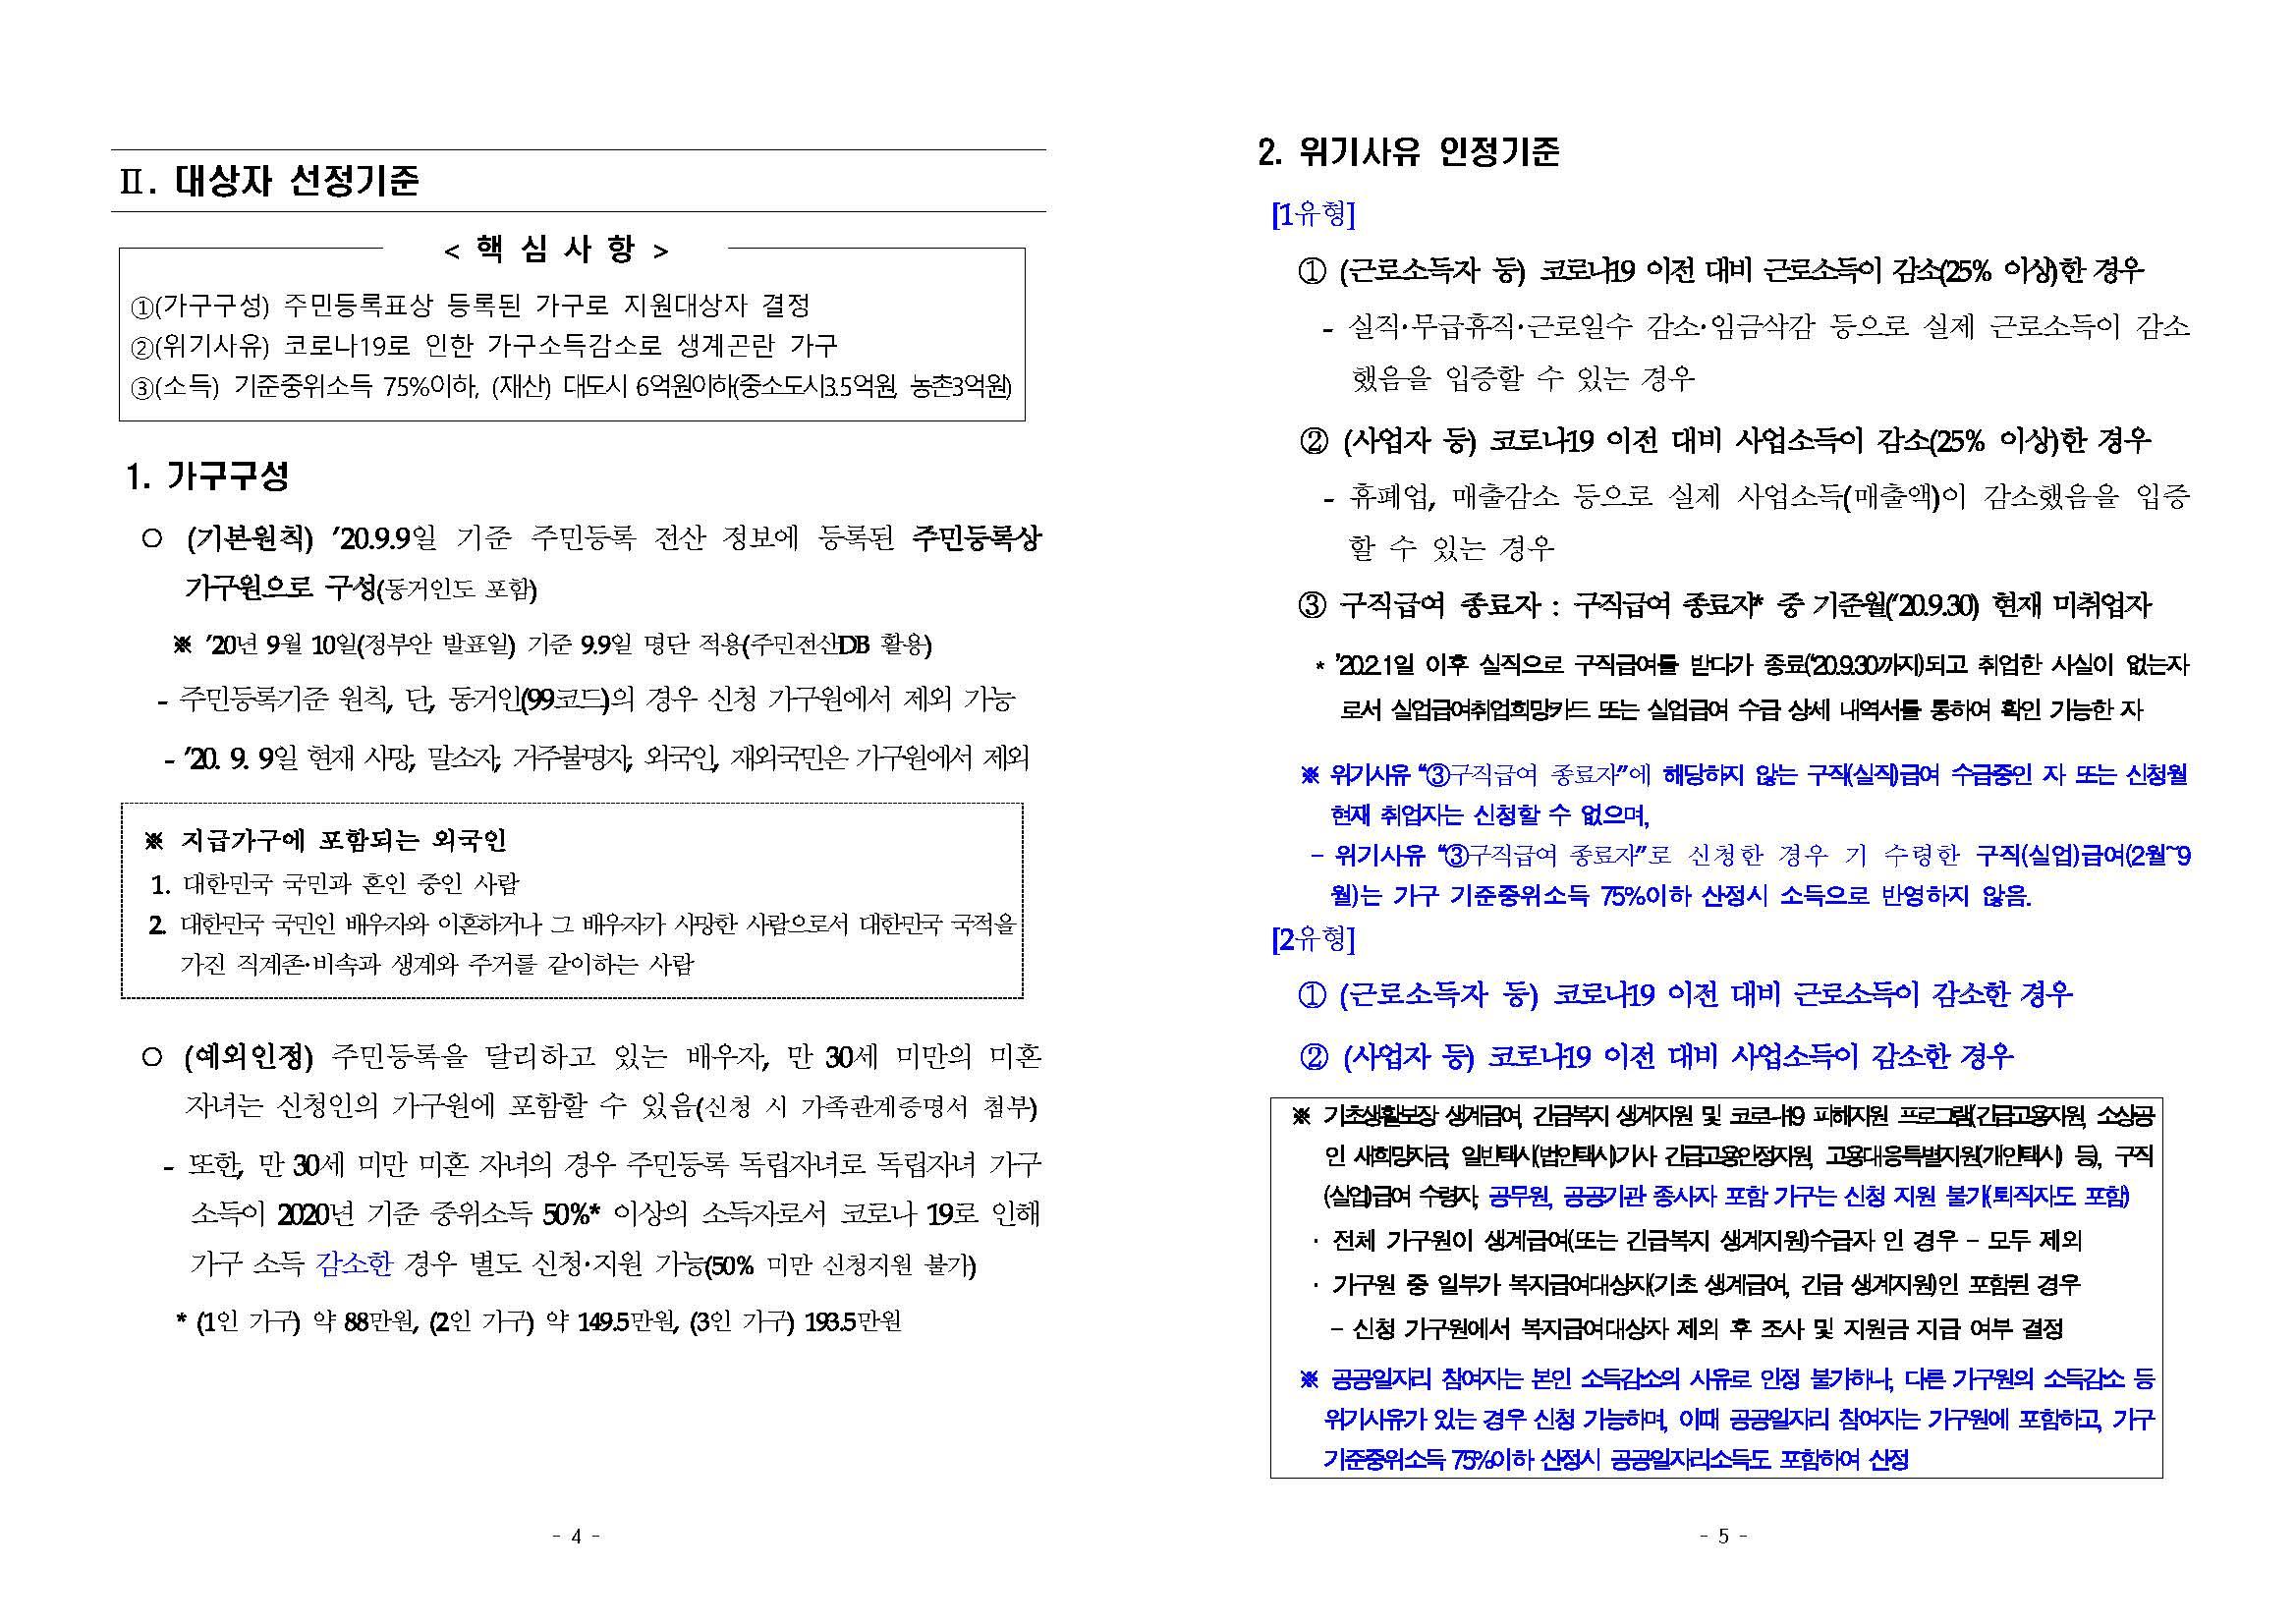 20.10.26_위기가구 긴급 생계지원 사업[변경]_페이지_05.jpg